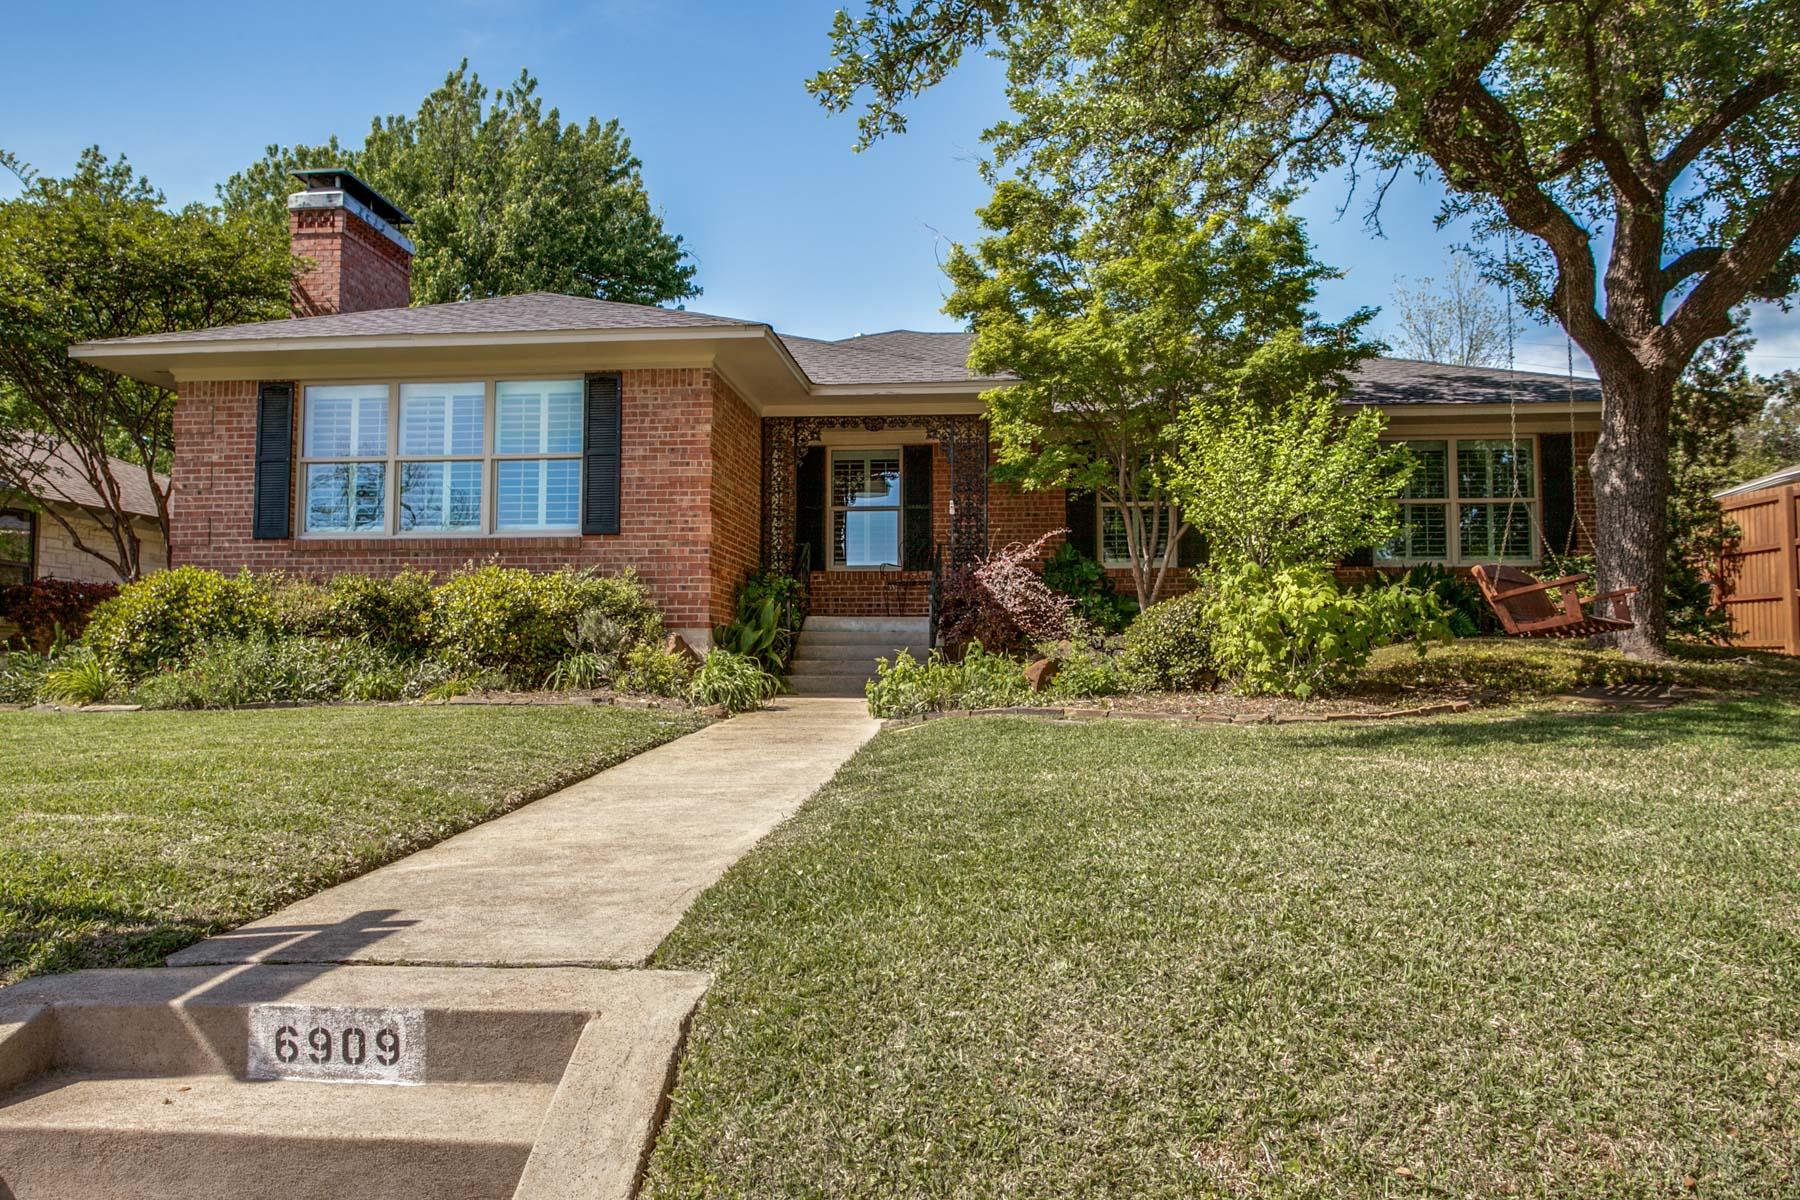 独户住宅 为 销售 在 6909 Merrilee, Dallas 达拉斯, 得克萨斯州, 75214 美国